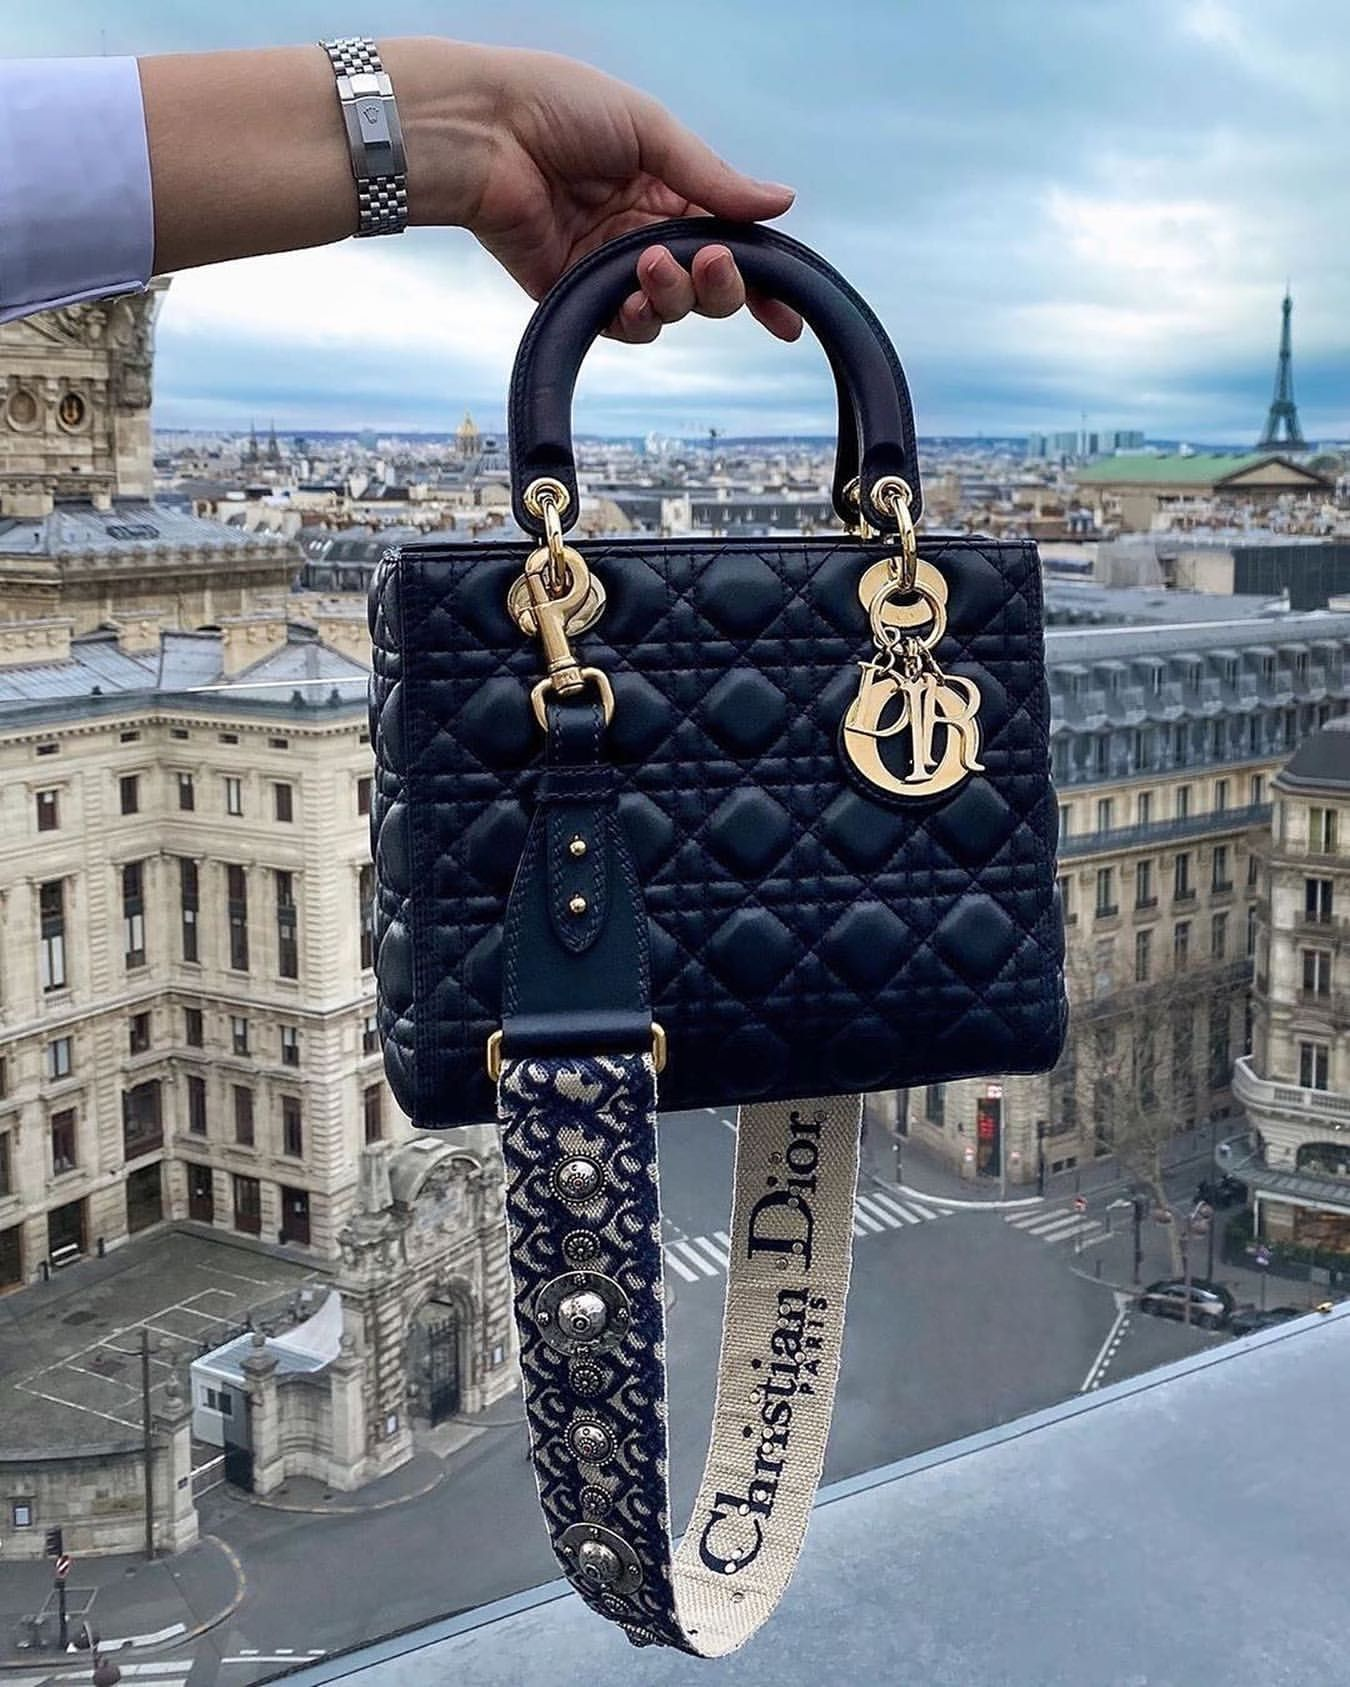 Photo of High Quality Replica handbags | best fake designer bags